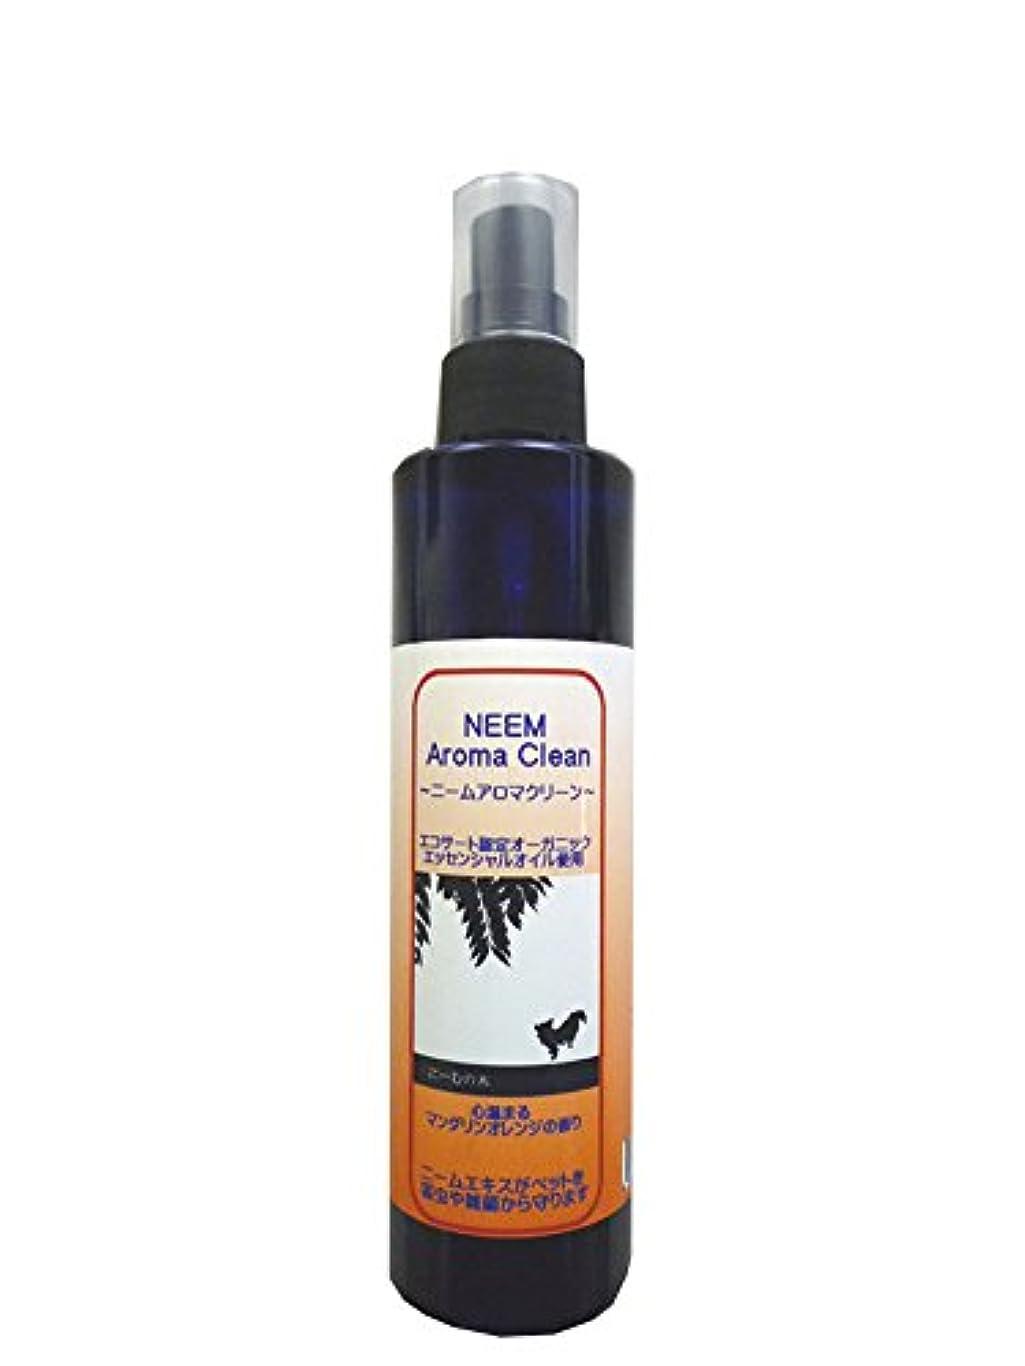 特徴クラス猛烈なニームアロマクリーン(マンダリンオレンジ) NEEM Aroma Clean 200ml 【BLOOM】【(ノミ?ダニ)駆除用としてもお使いいただけます。】